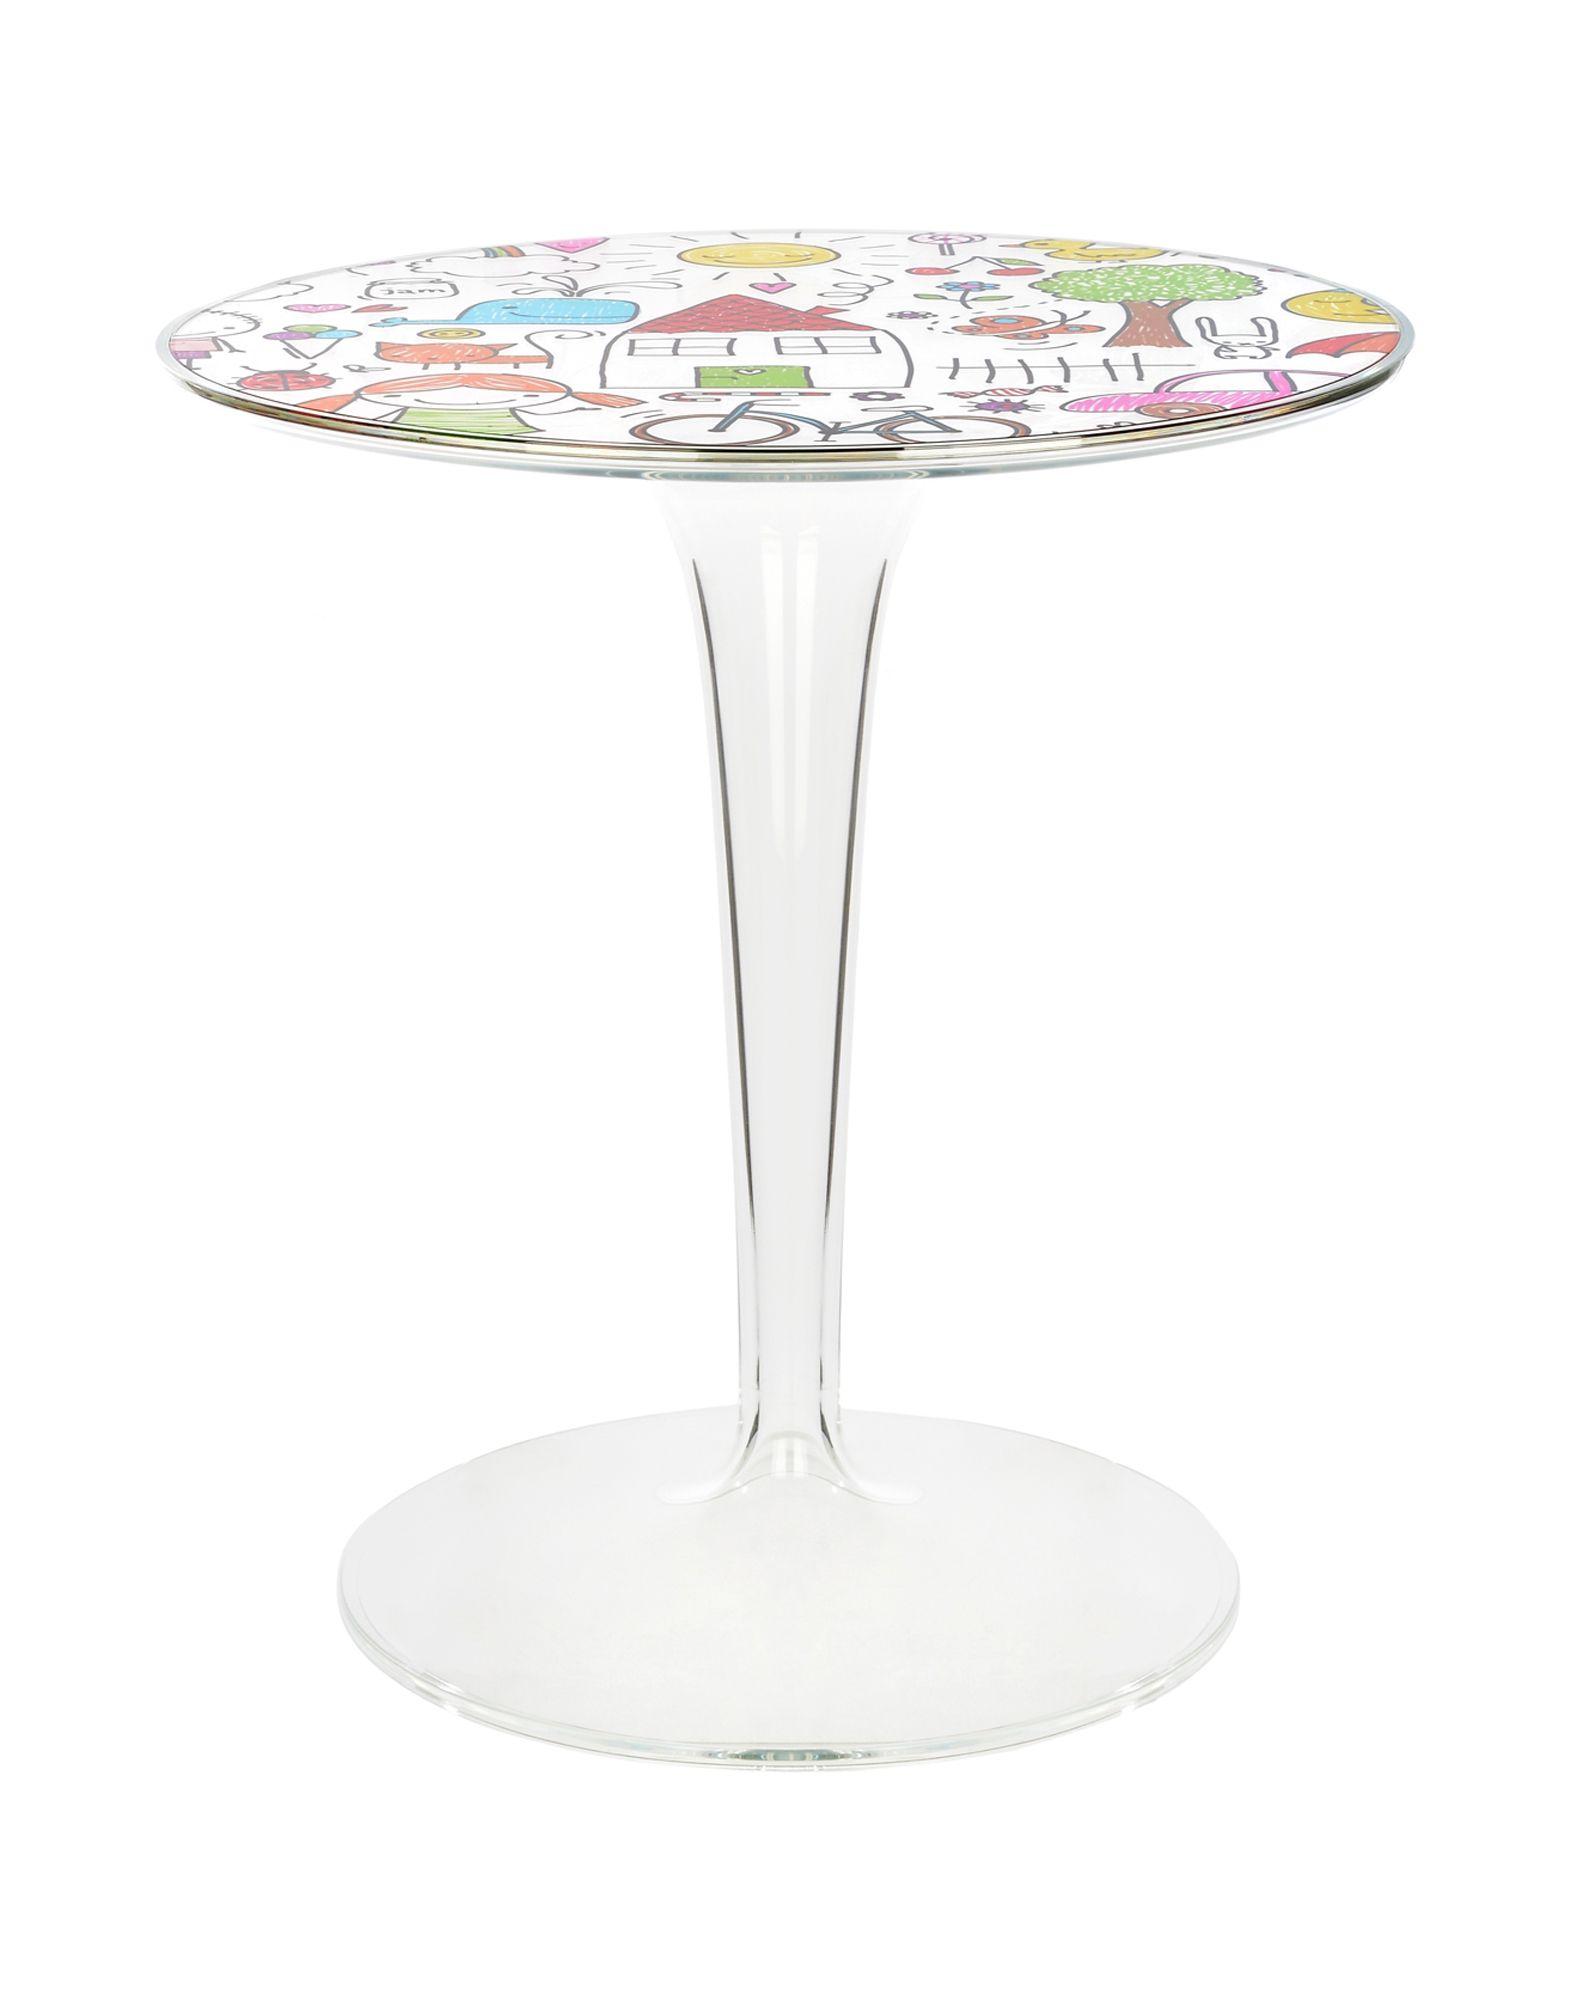 Kartell Tiptop Kids Small Table Design Art Kartell Online On